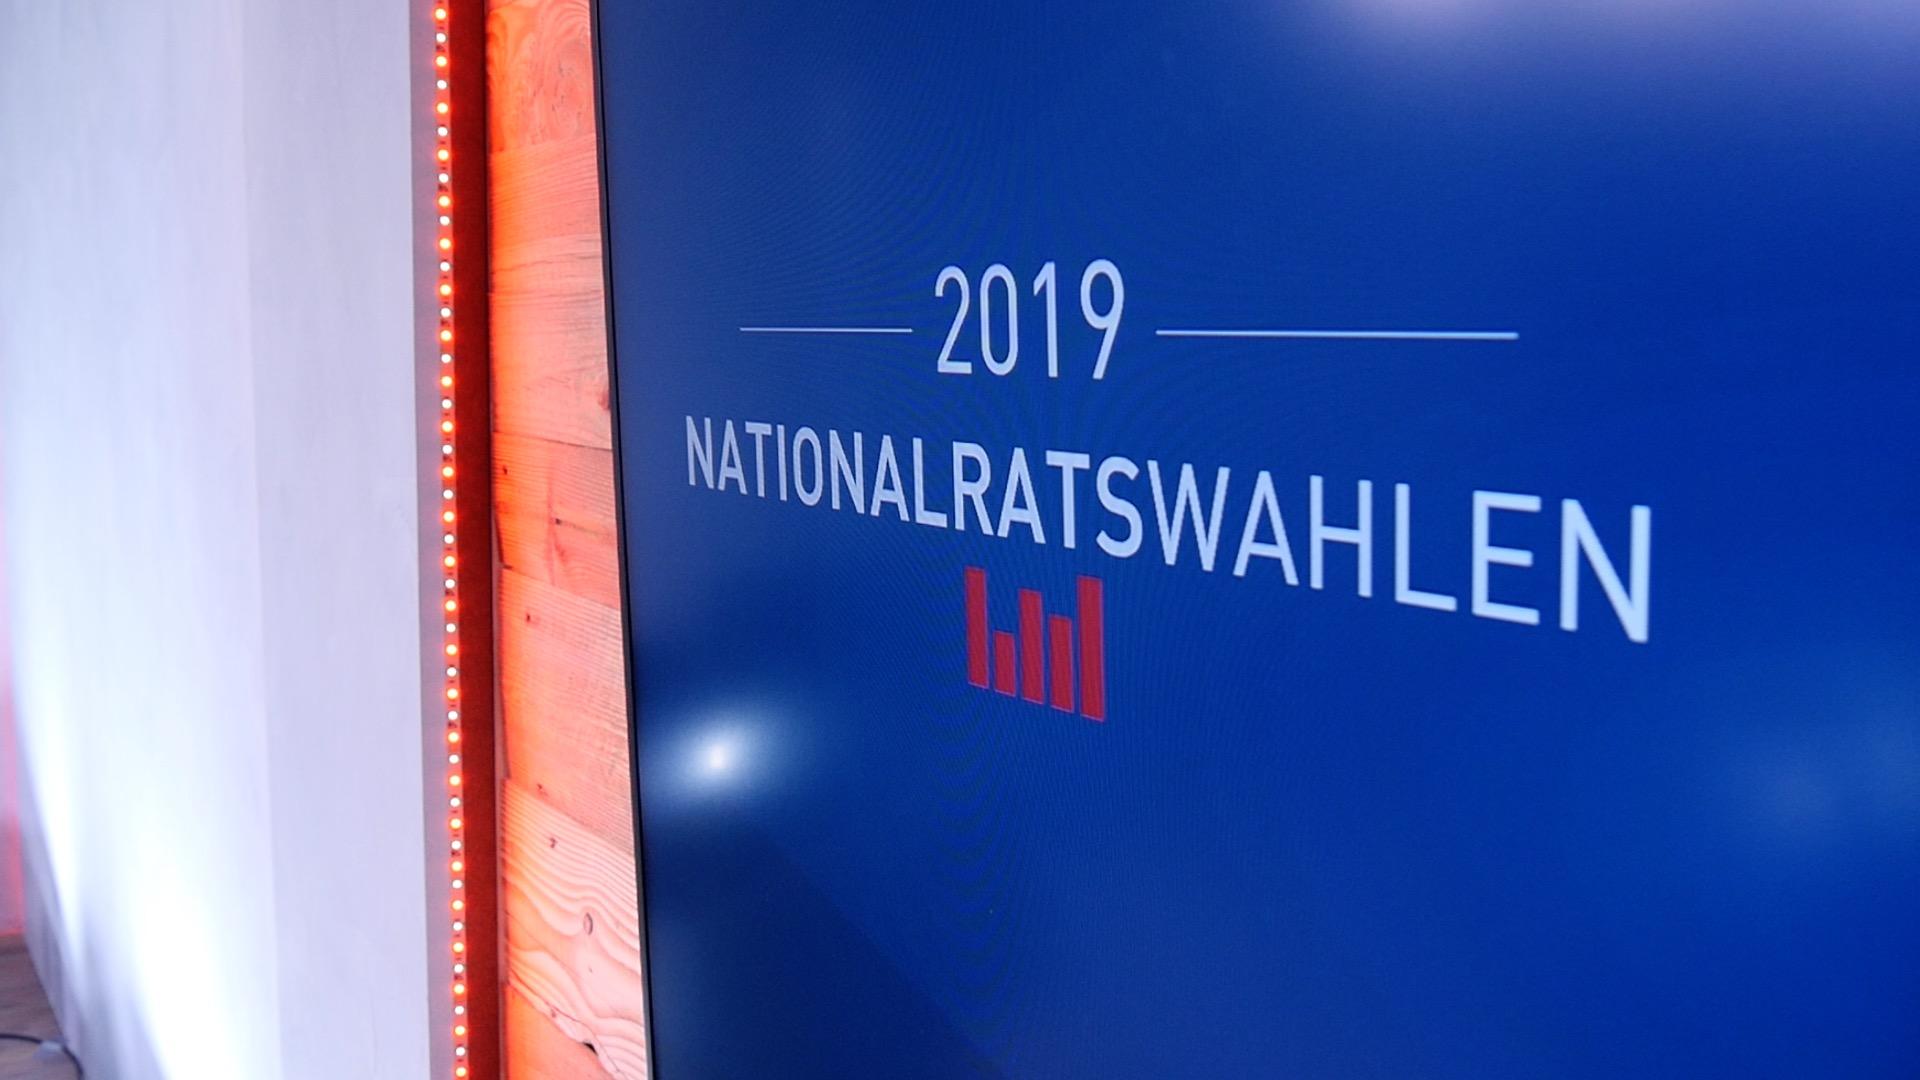 Tirol TV Nationalratswahlen